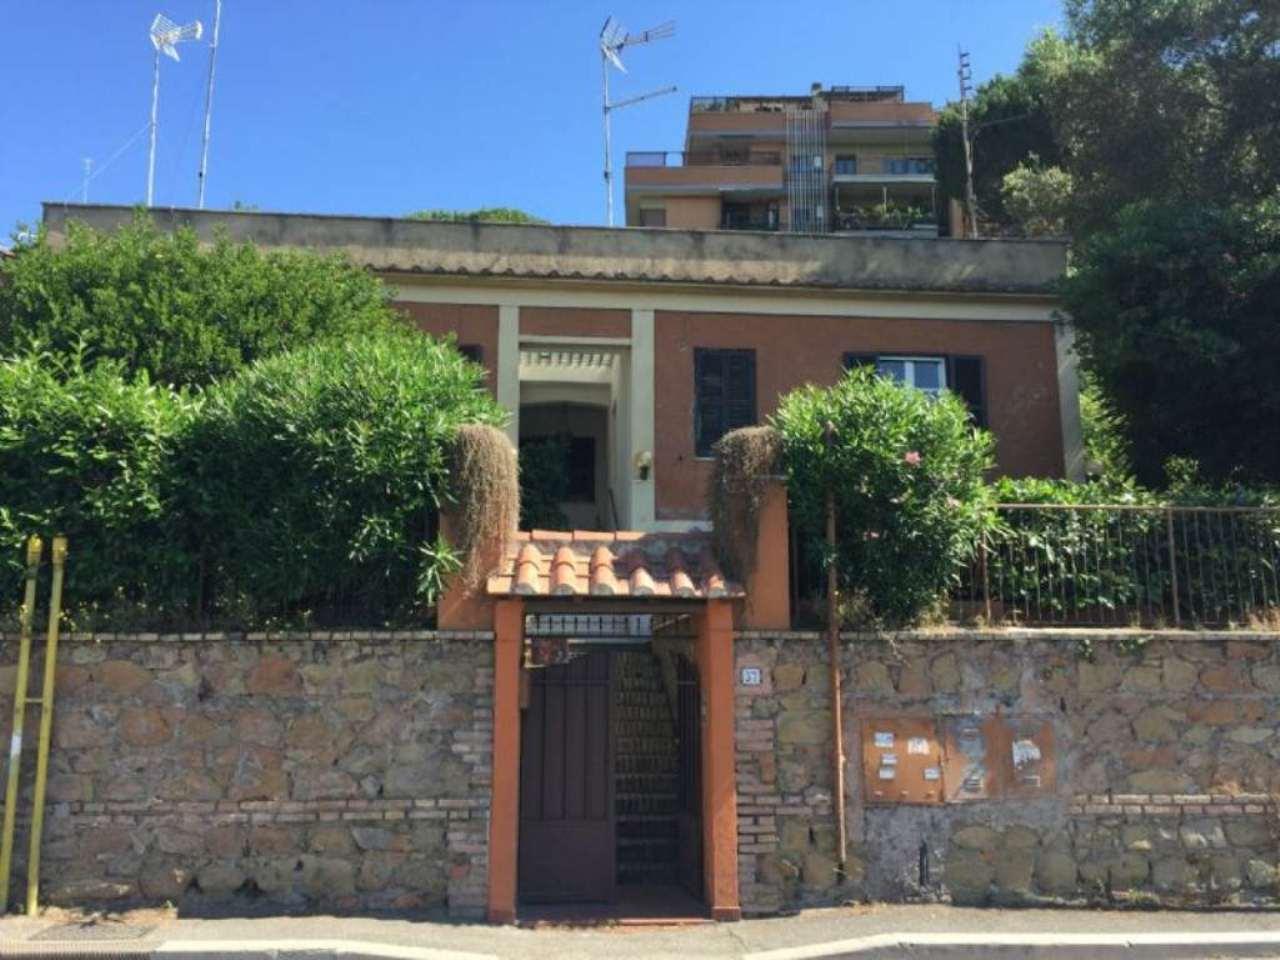 Soluzione Indipendente in vendita a Roma, 5 locali, zona Zona: 23 . Portuense - Magliana, prezzo € 299.000 | CambioCasa.it